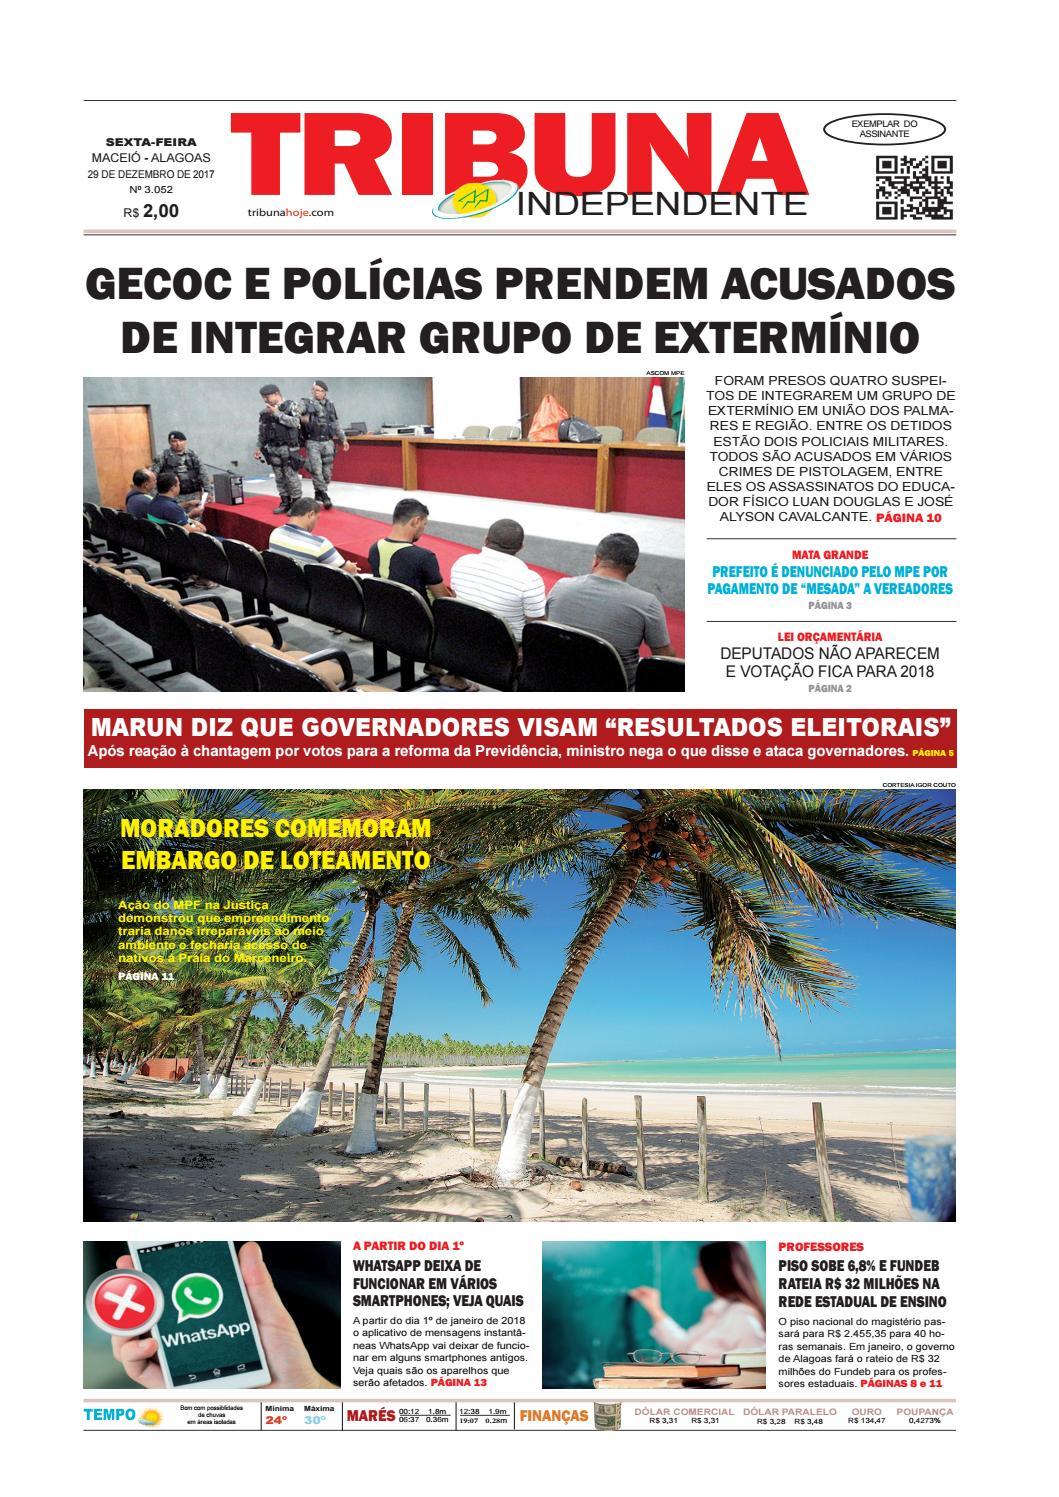 26ac0e008d9 Edição número 3052 - 29 de dezembro de 2017 by Tribuna Hoje - issuu